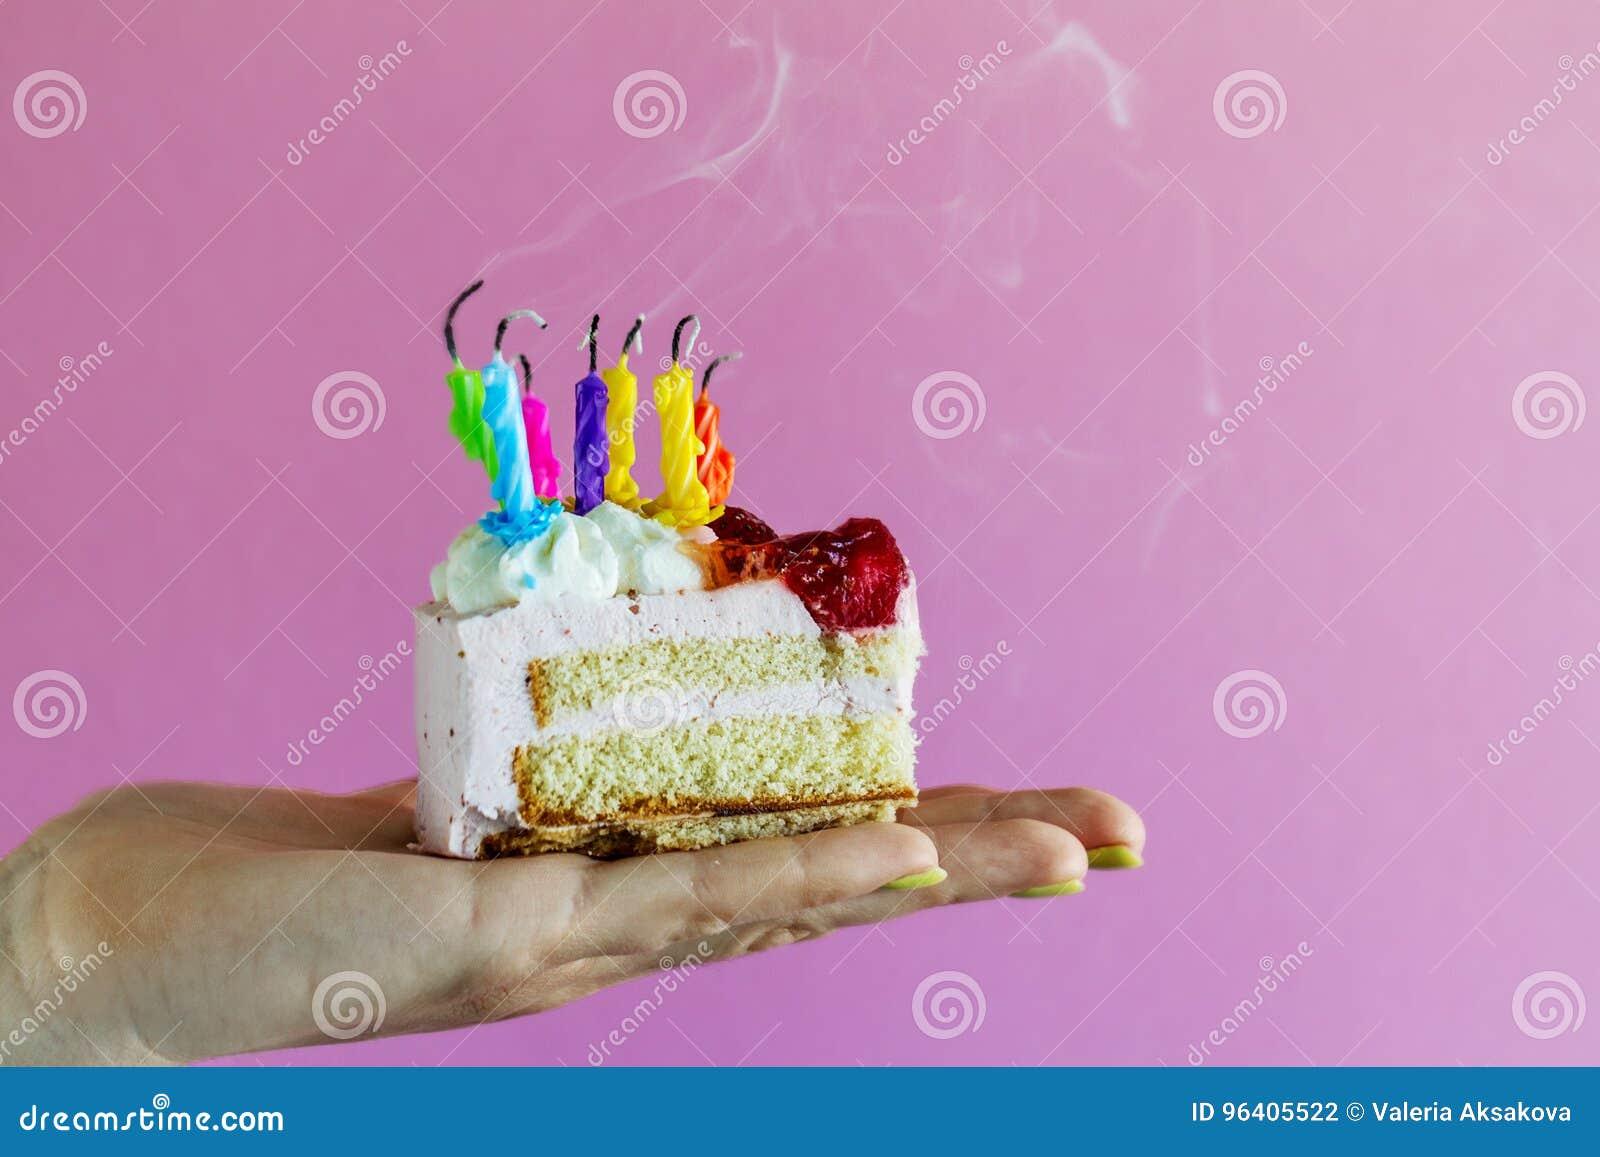 Madchen Das Schonen Appetitanregenden Geburtstagskuchen Mit Vielen